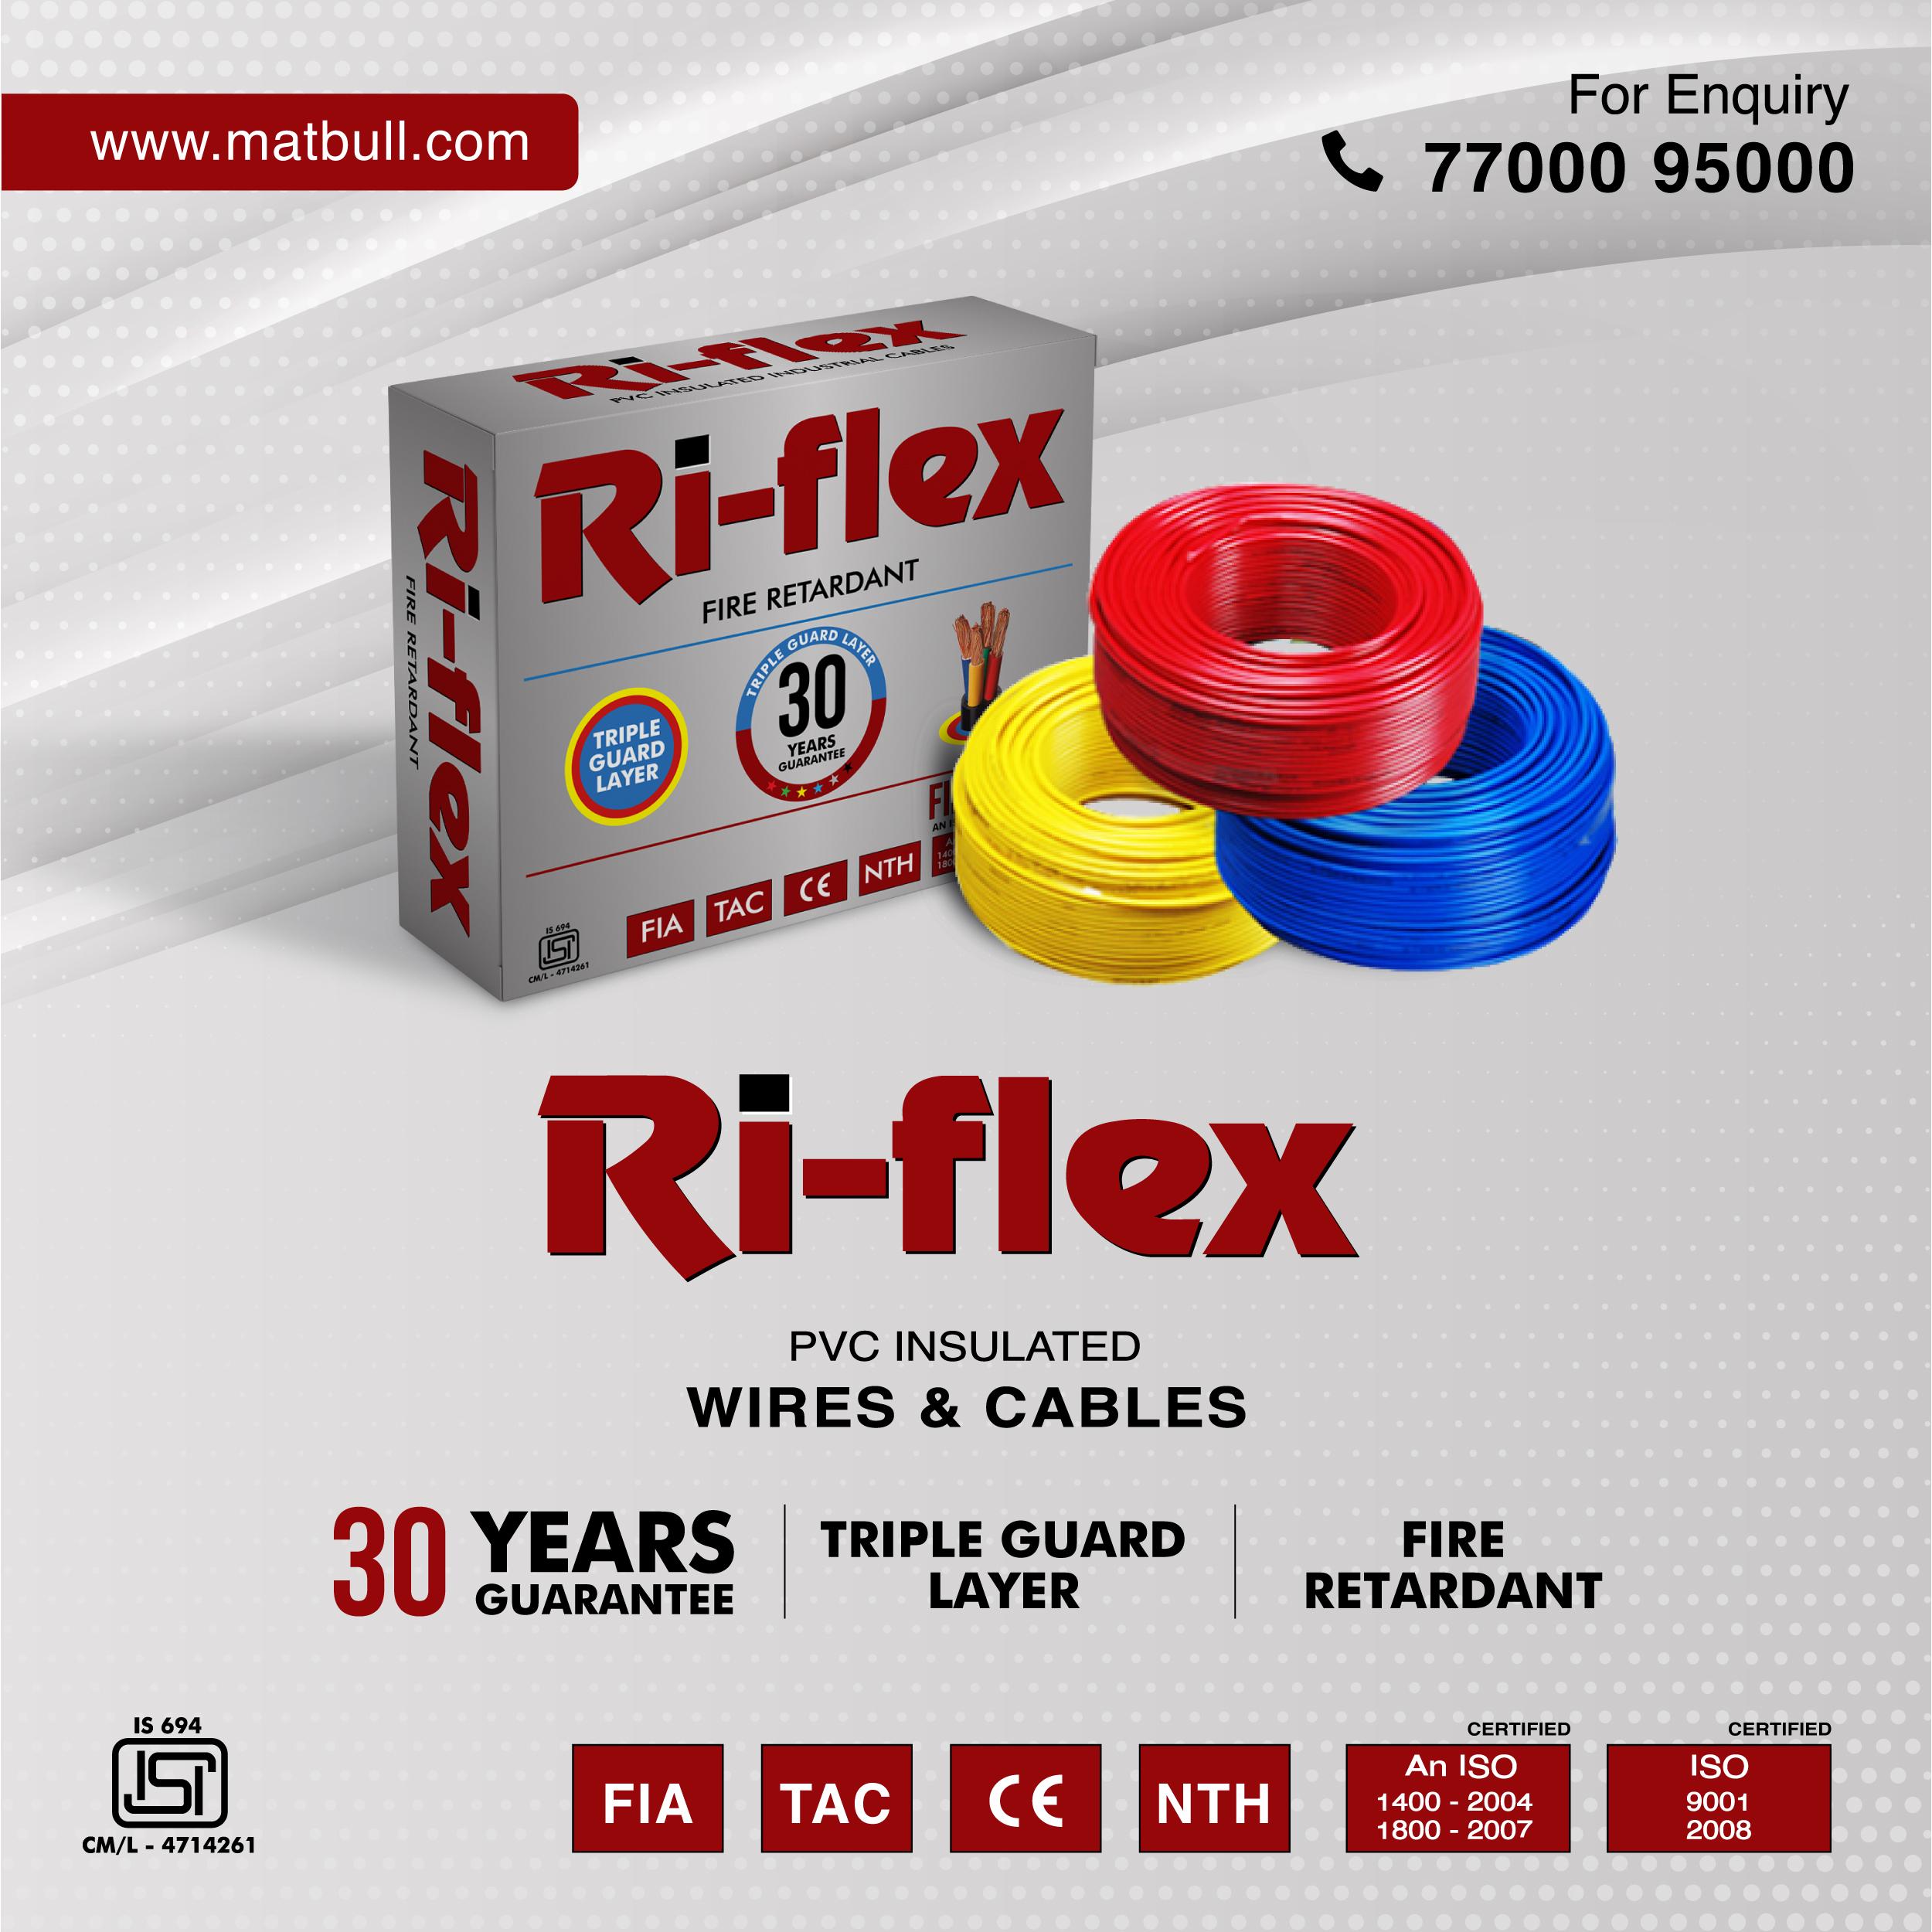 Ri-flex